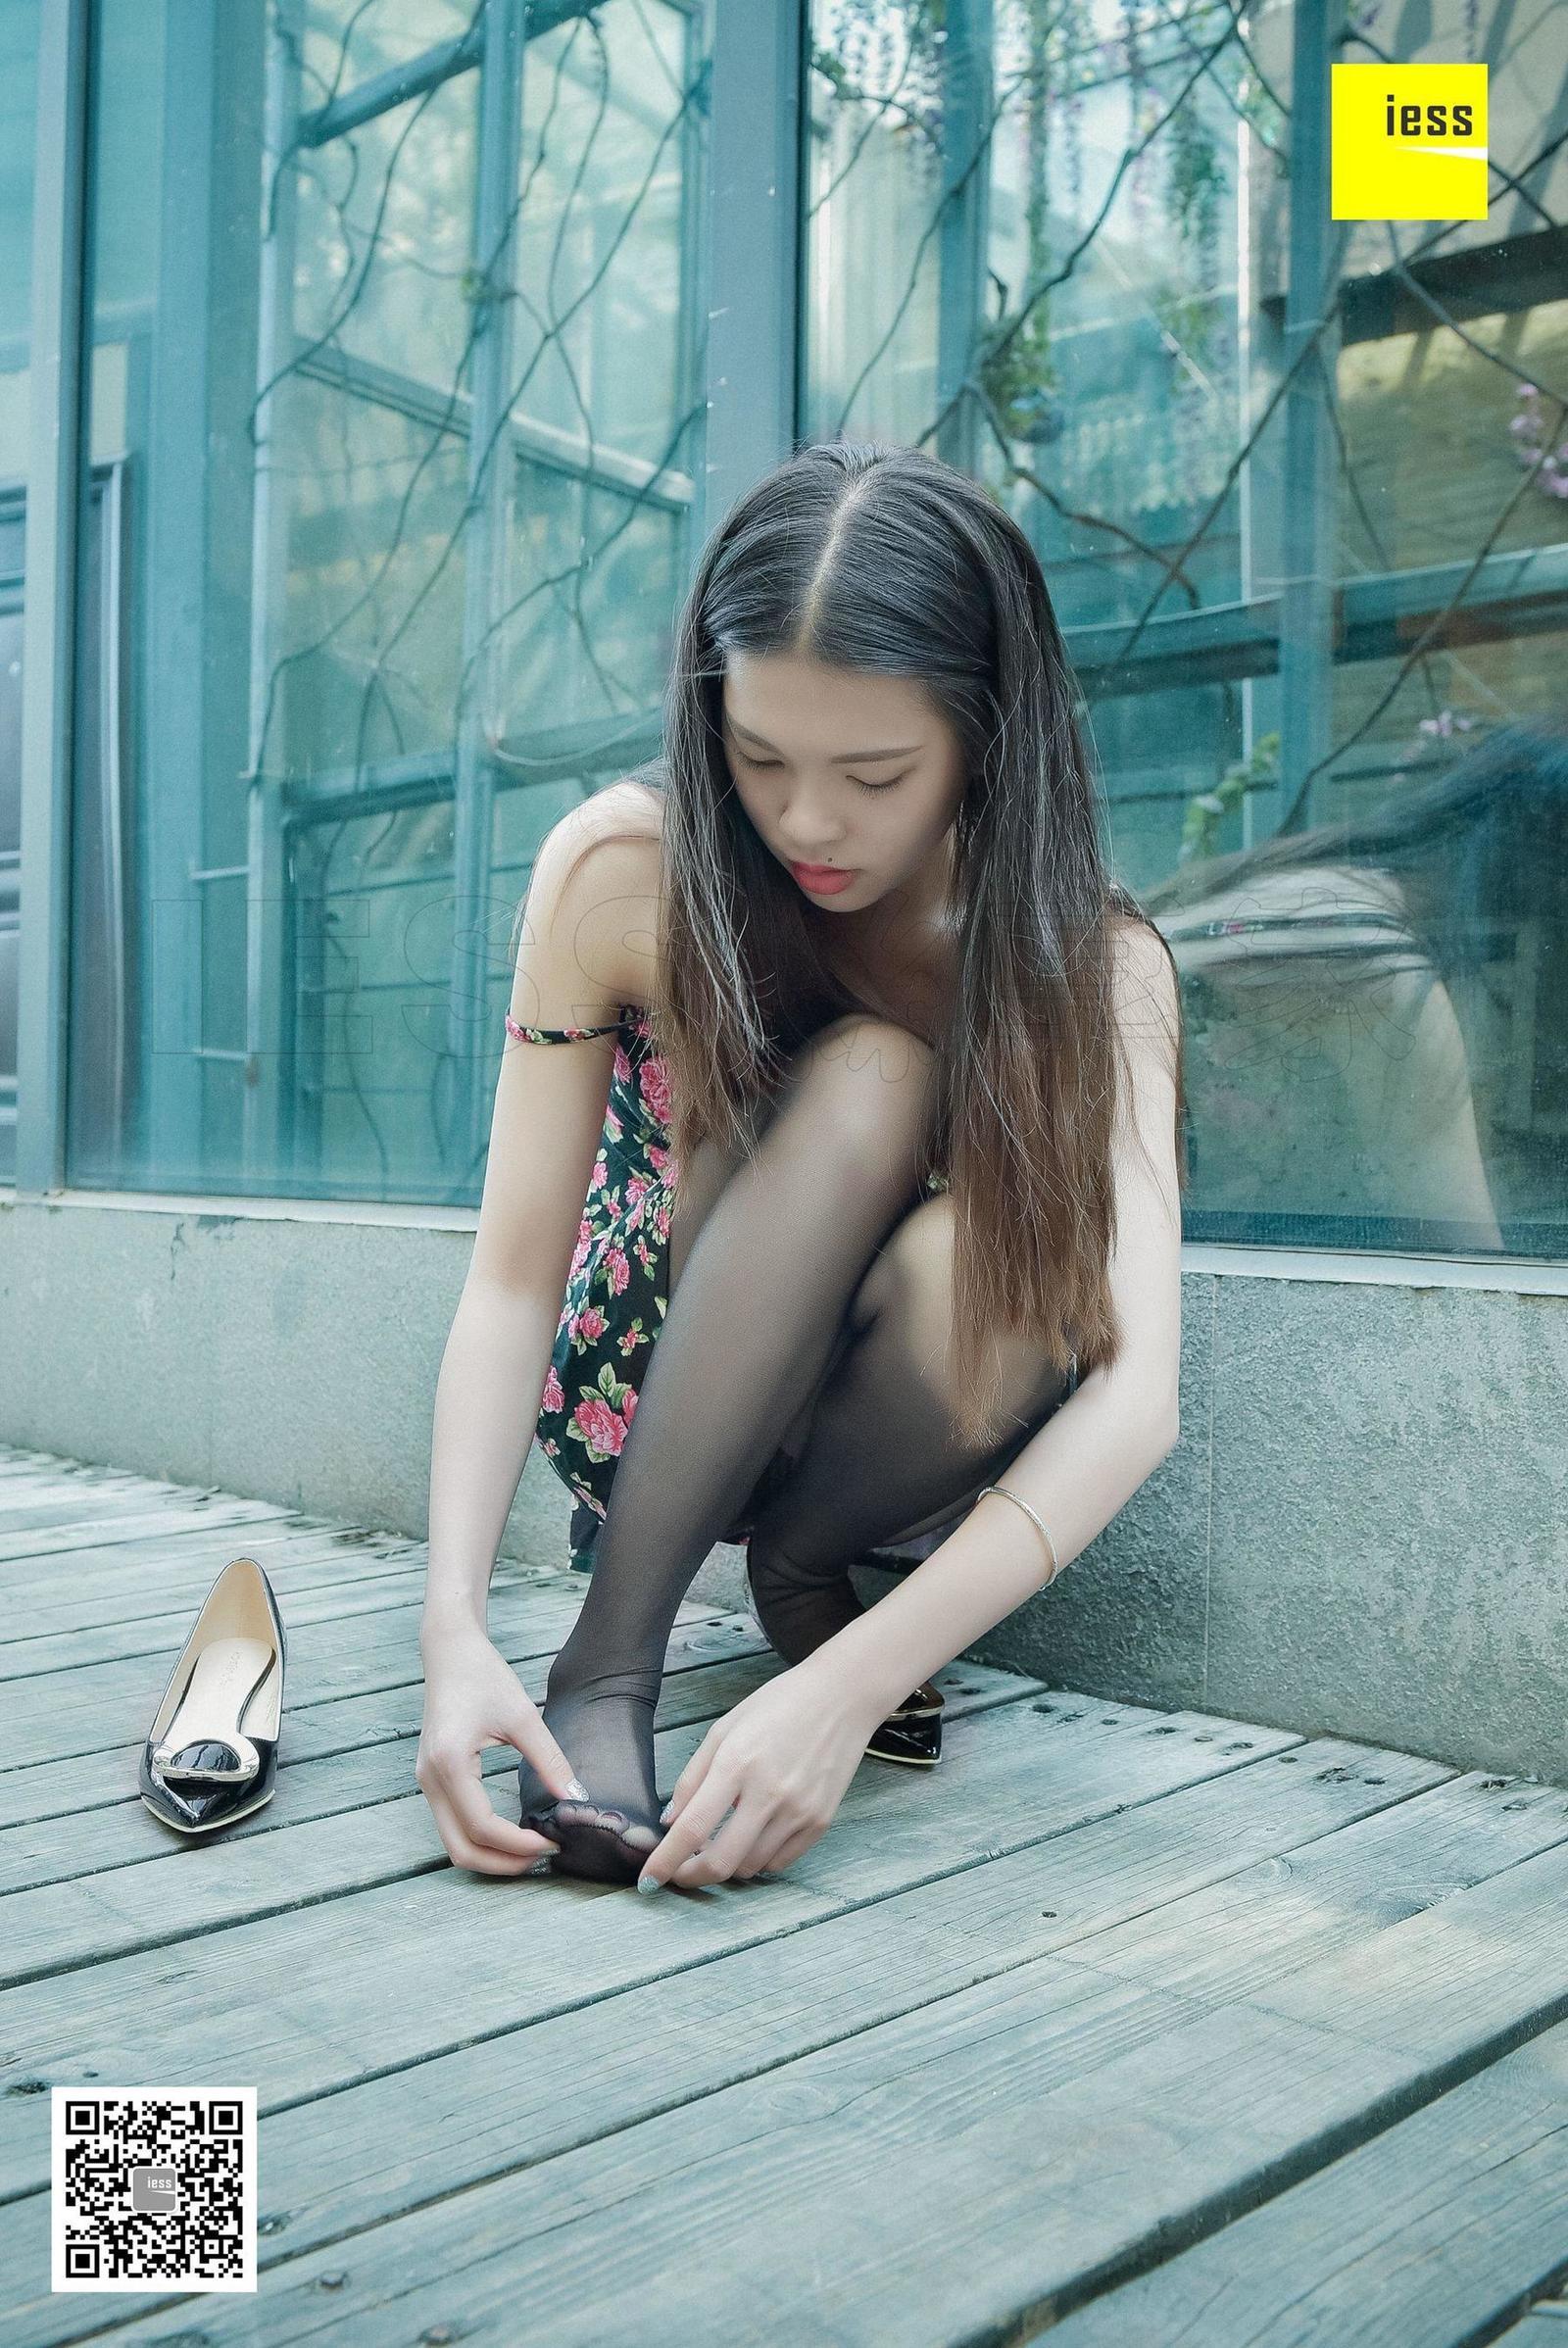 七七 《小碎花与黑丝》 丝足写真